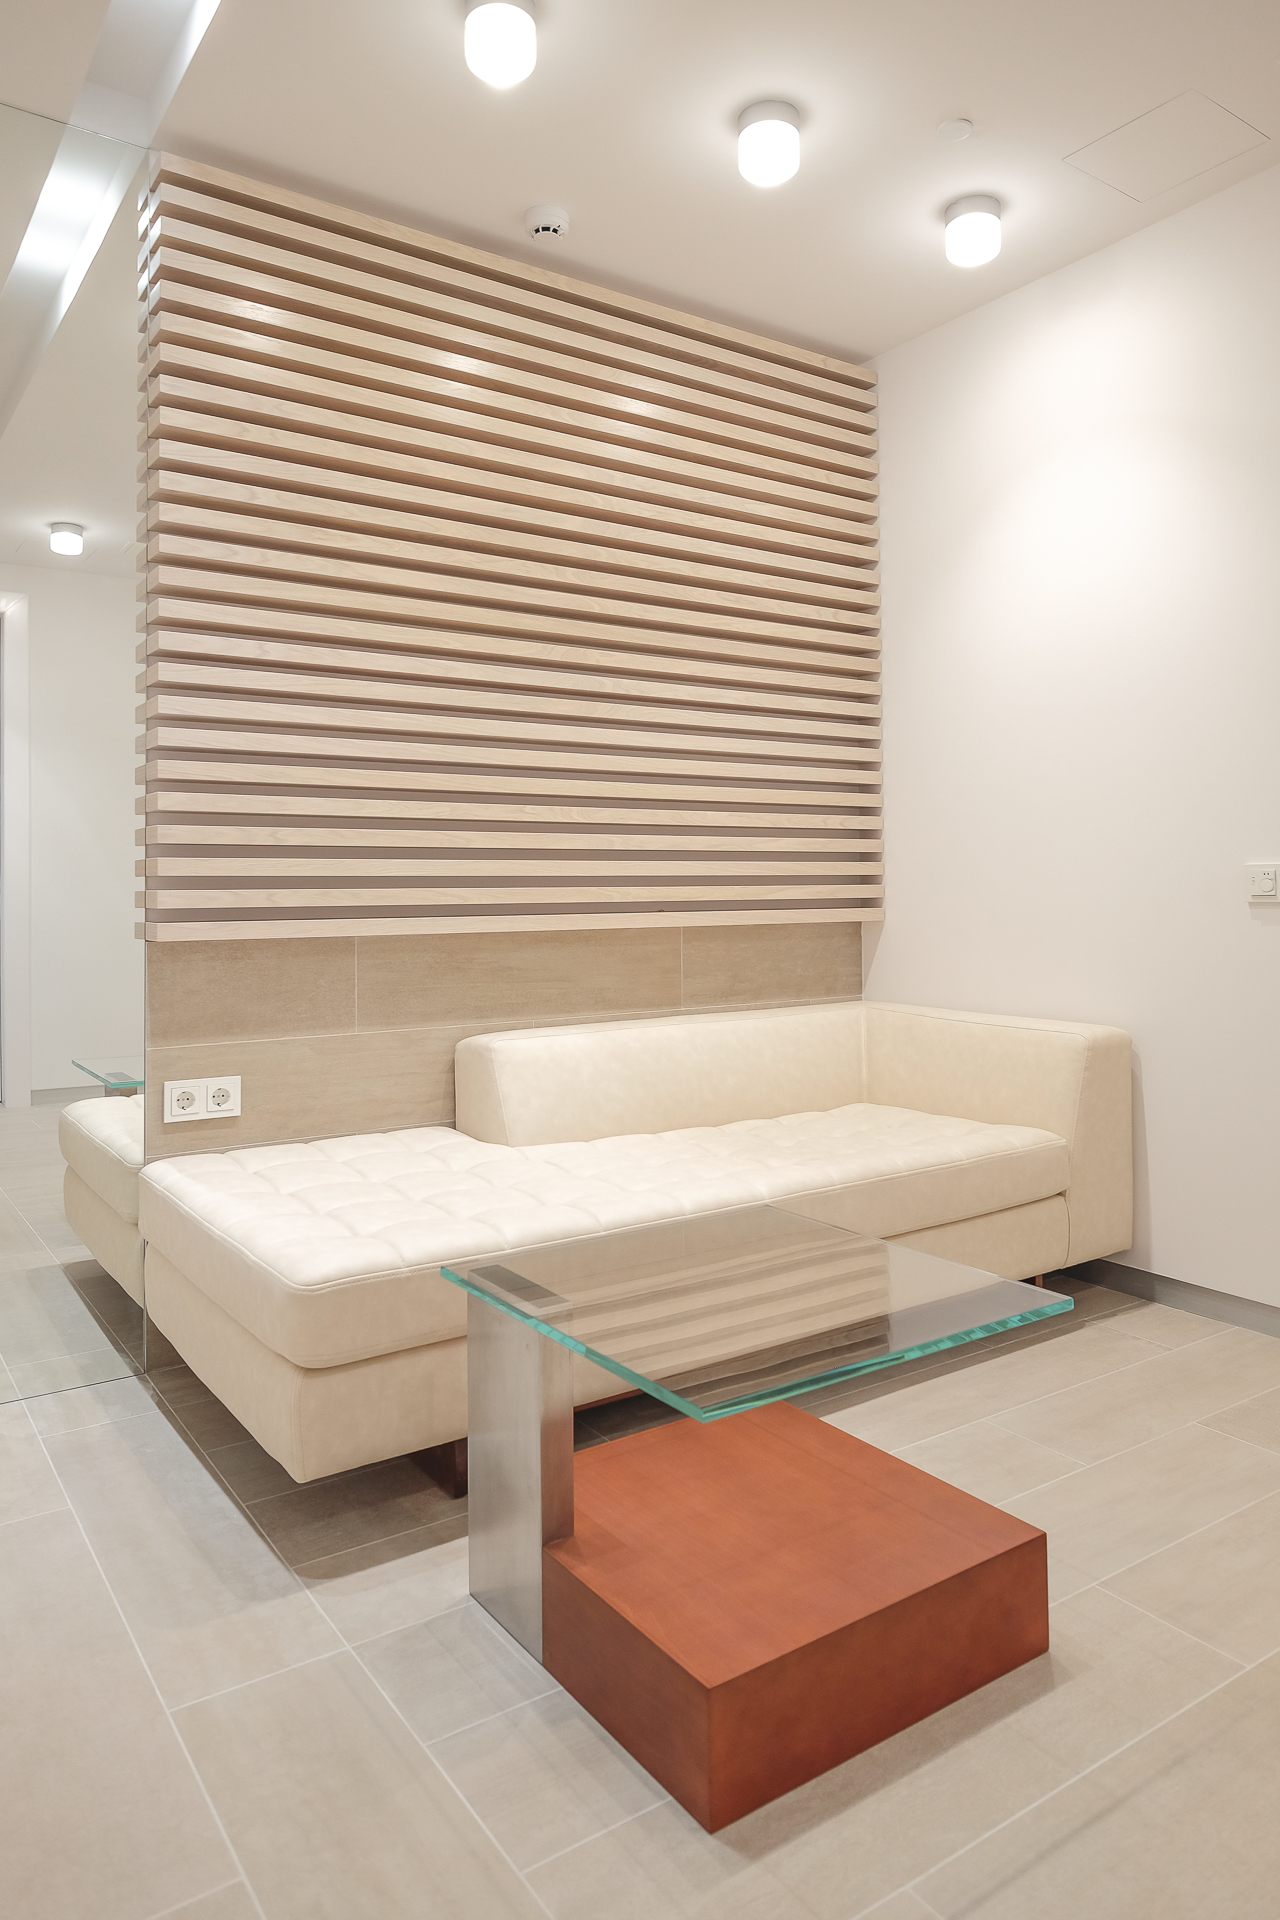 Private interior